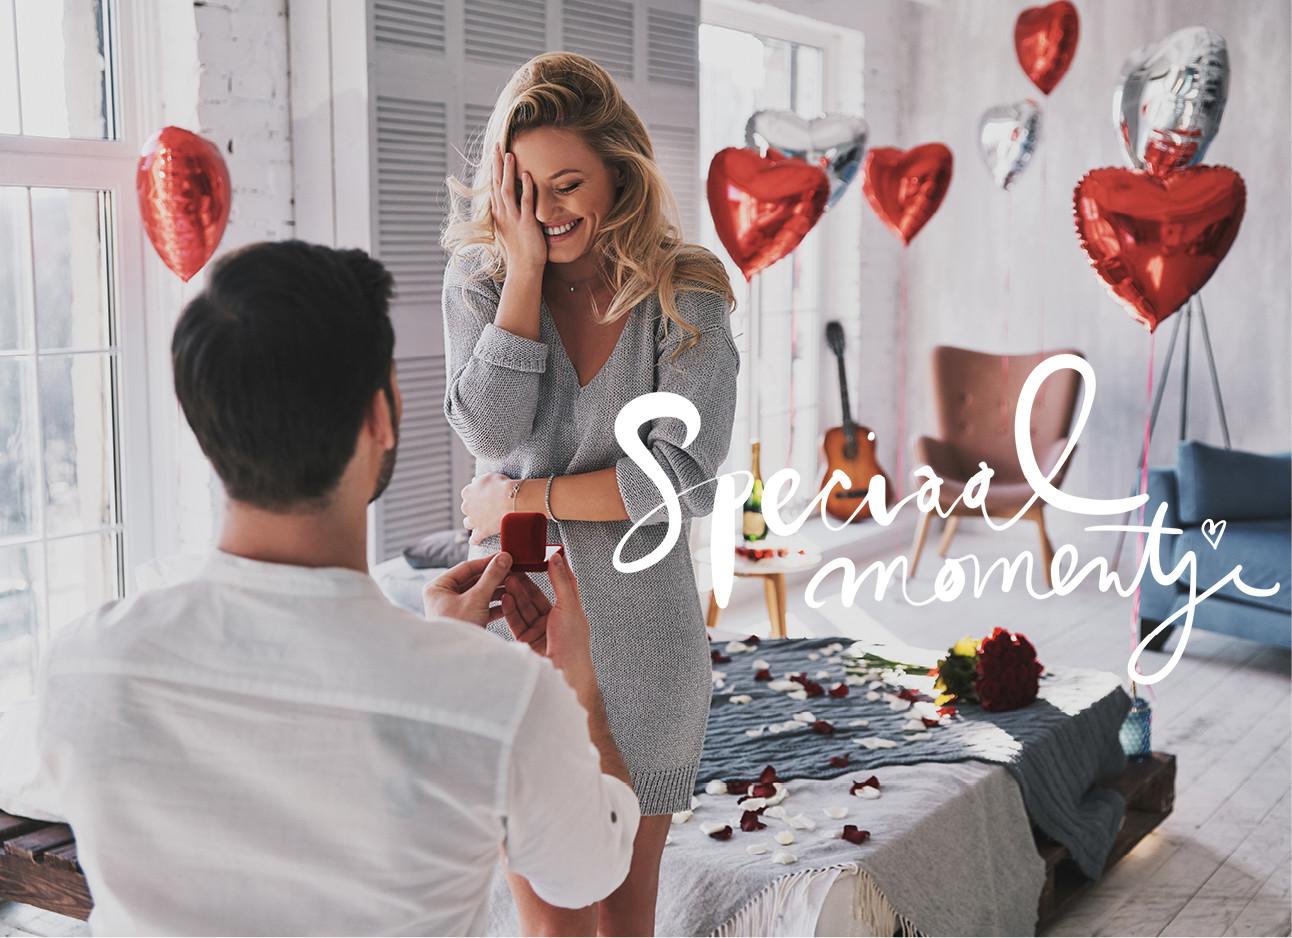 man die vriendin ten huwelijk vraagt in een ruimte vol rode ballonnen met hartjes